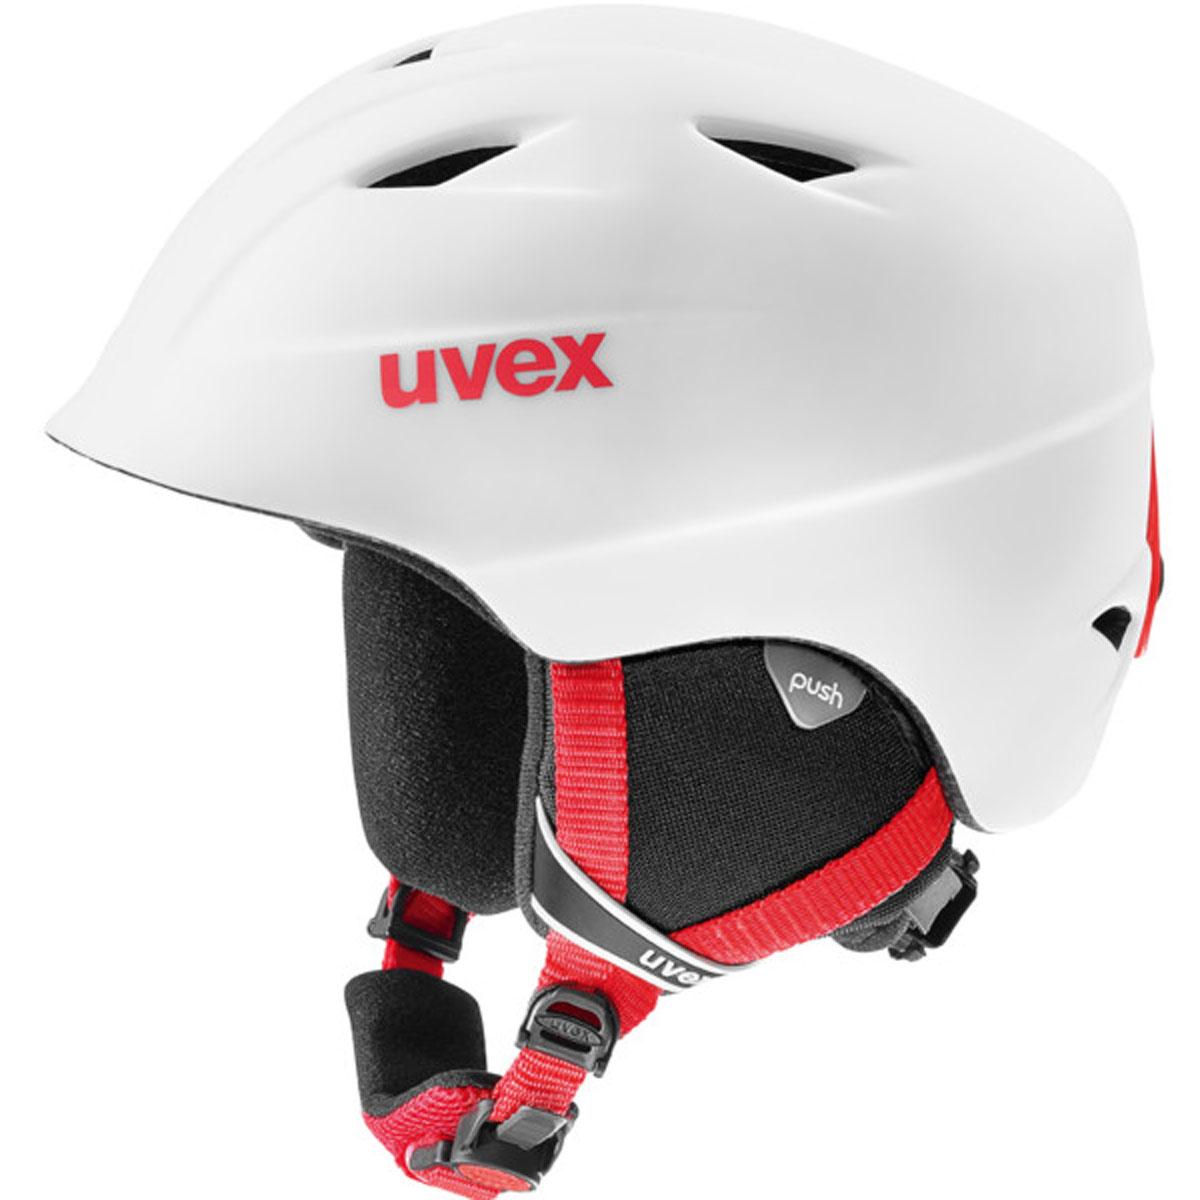 Шлем горнолыжный детский Uvex  Airwing 2 Pro Kid's Helmet , цвет: белый, красный матовый. Размер M - Горные лыжи